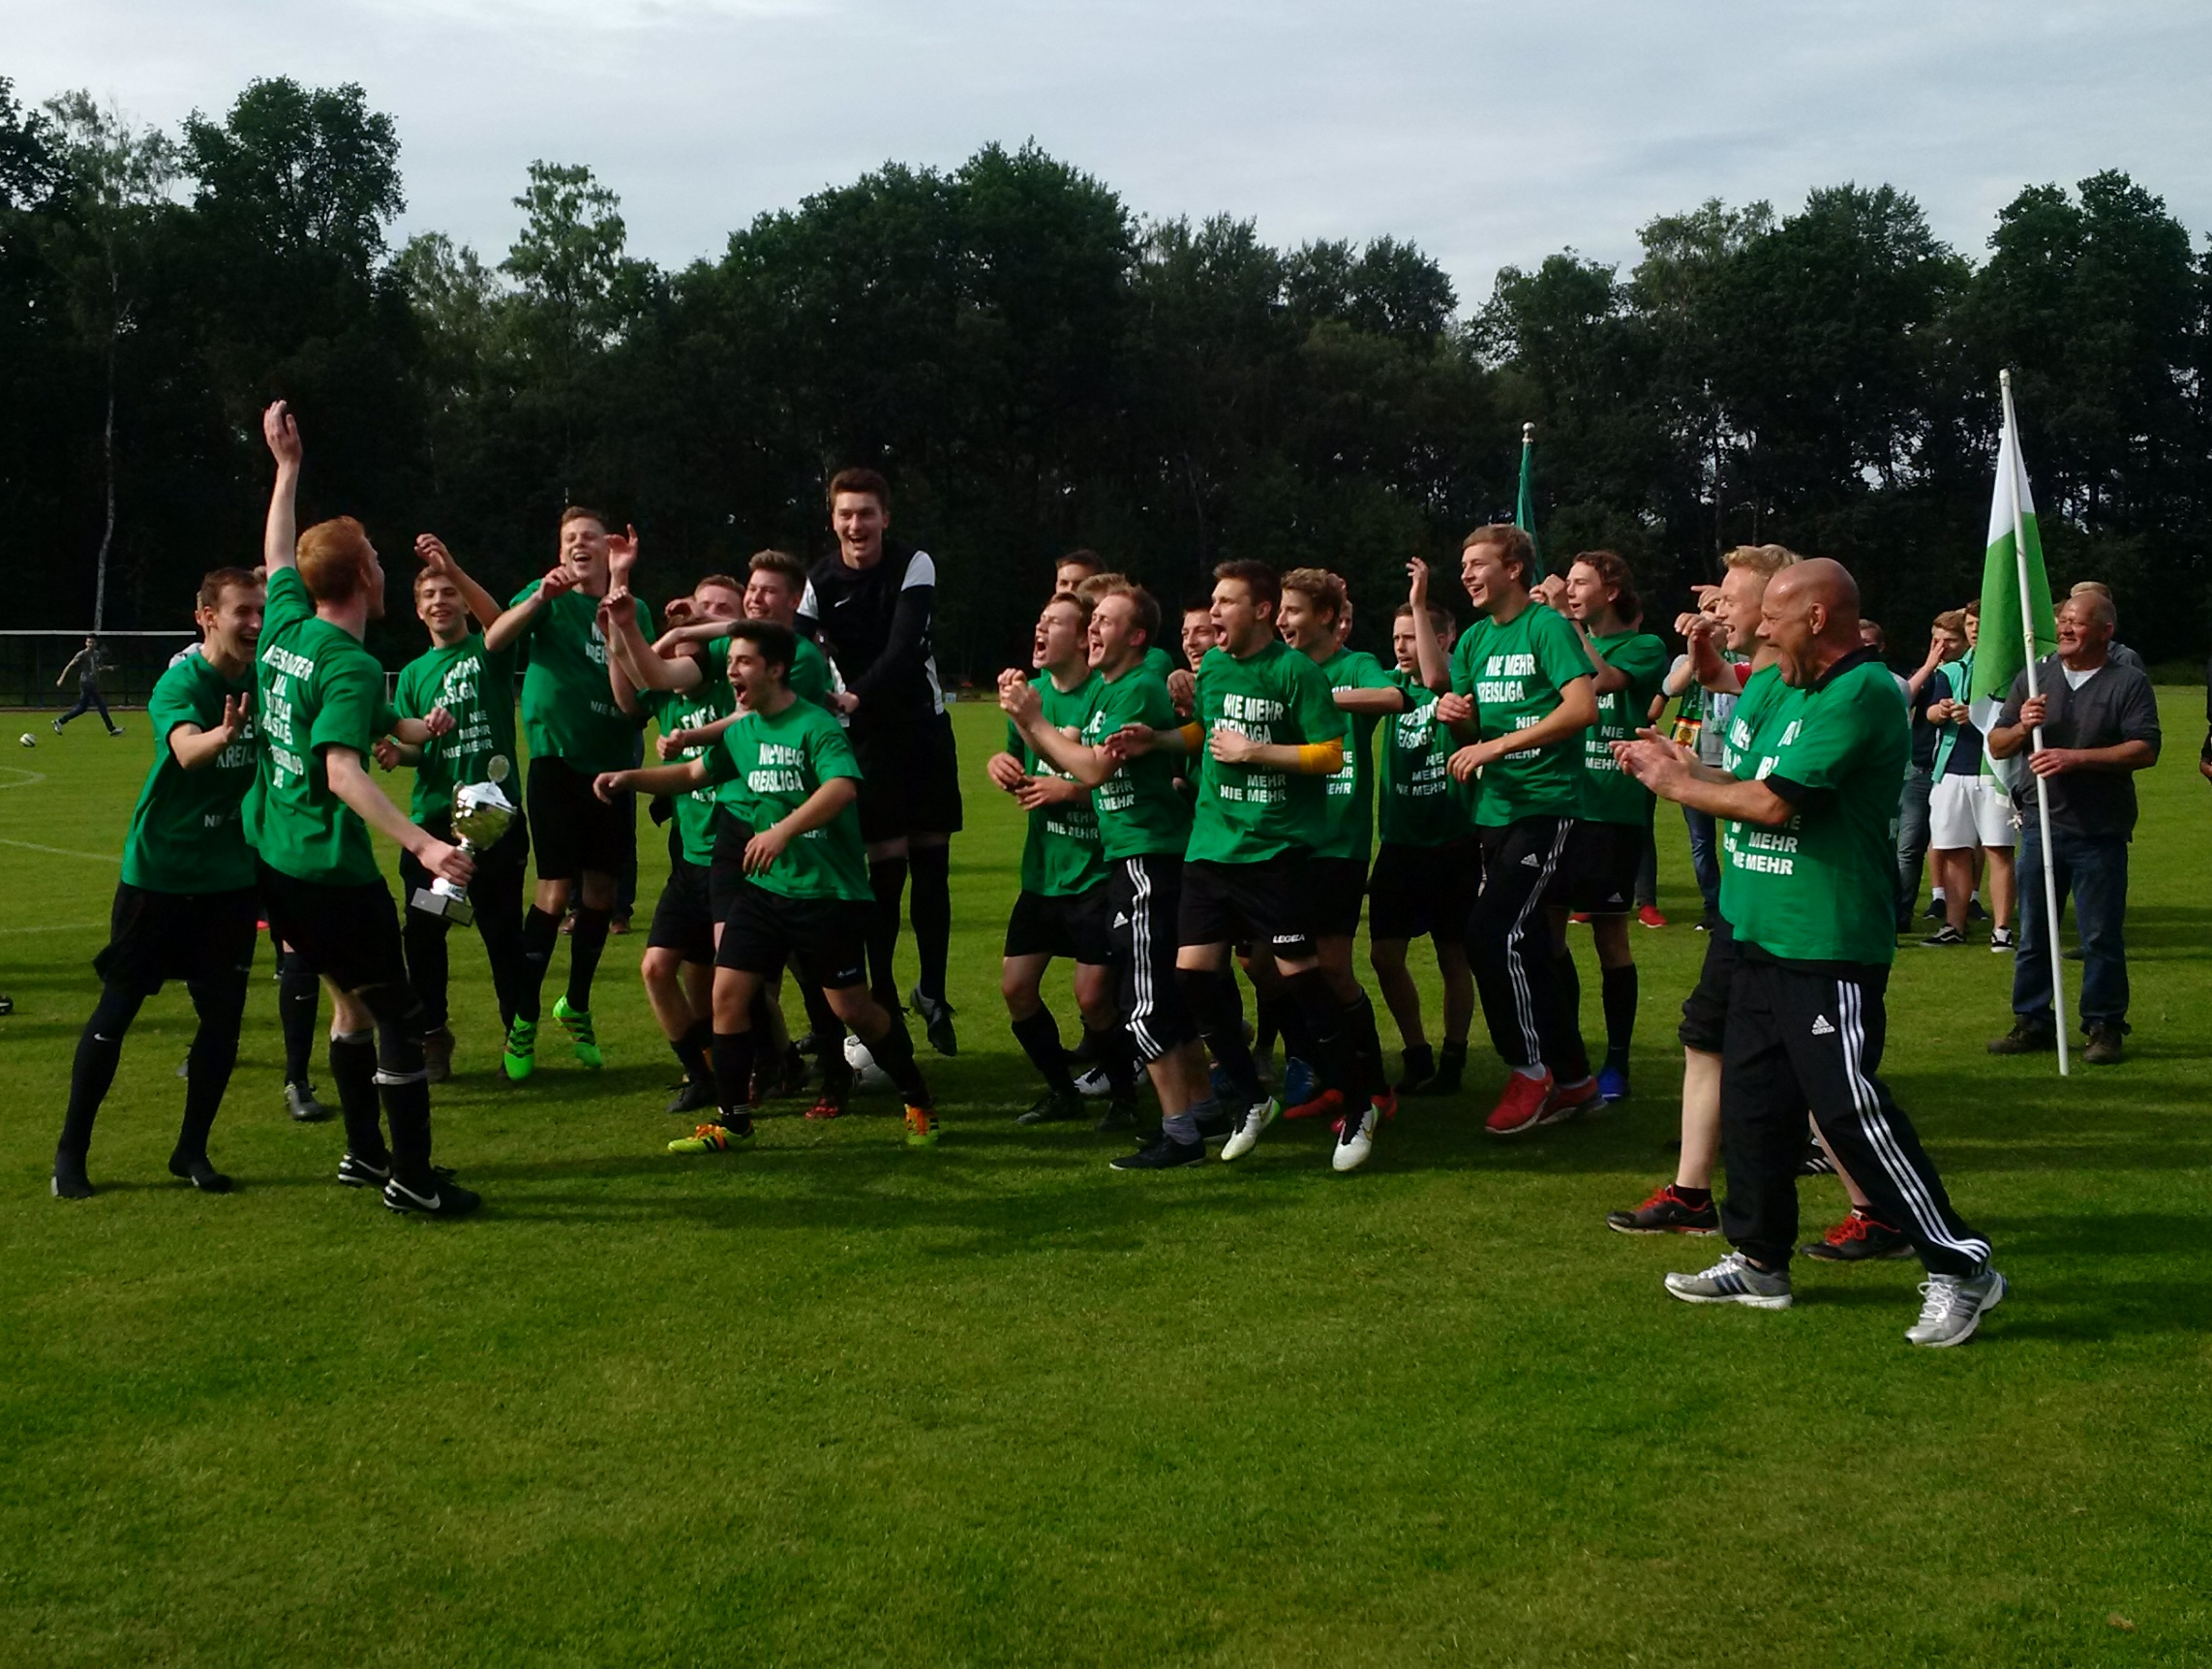 4:0 gegen SC Greven 09 - A1 hat den Aufstieg klar gemacht